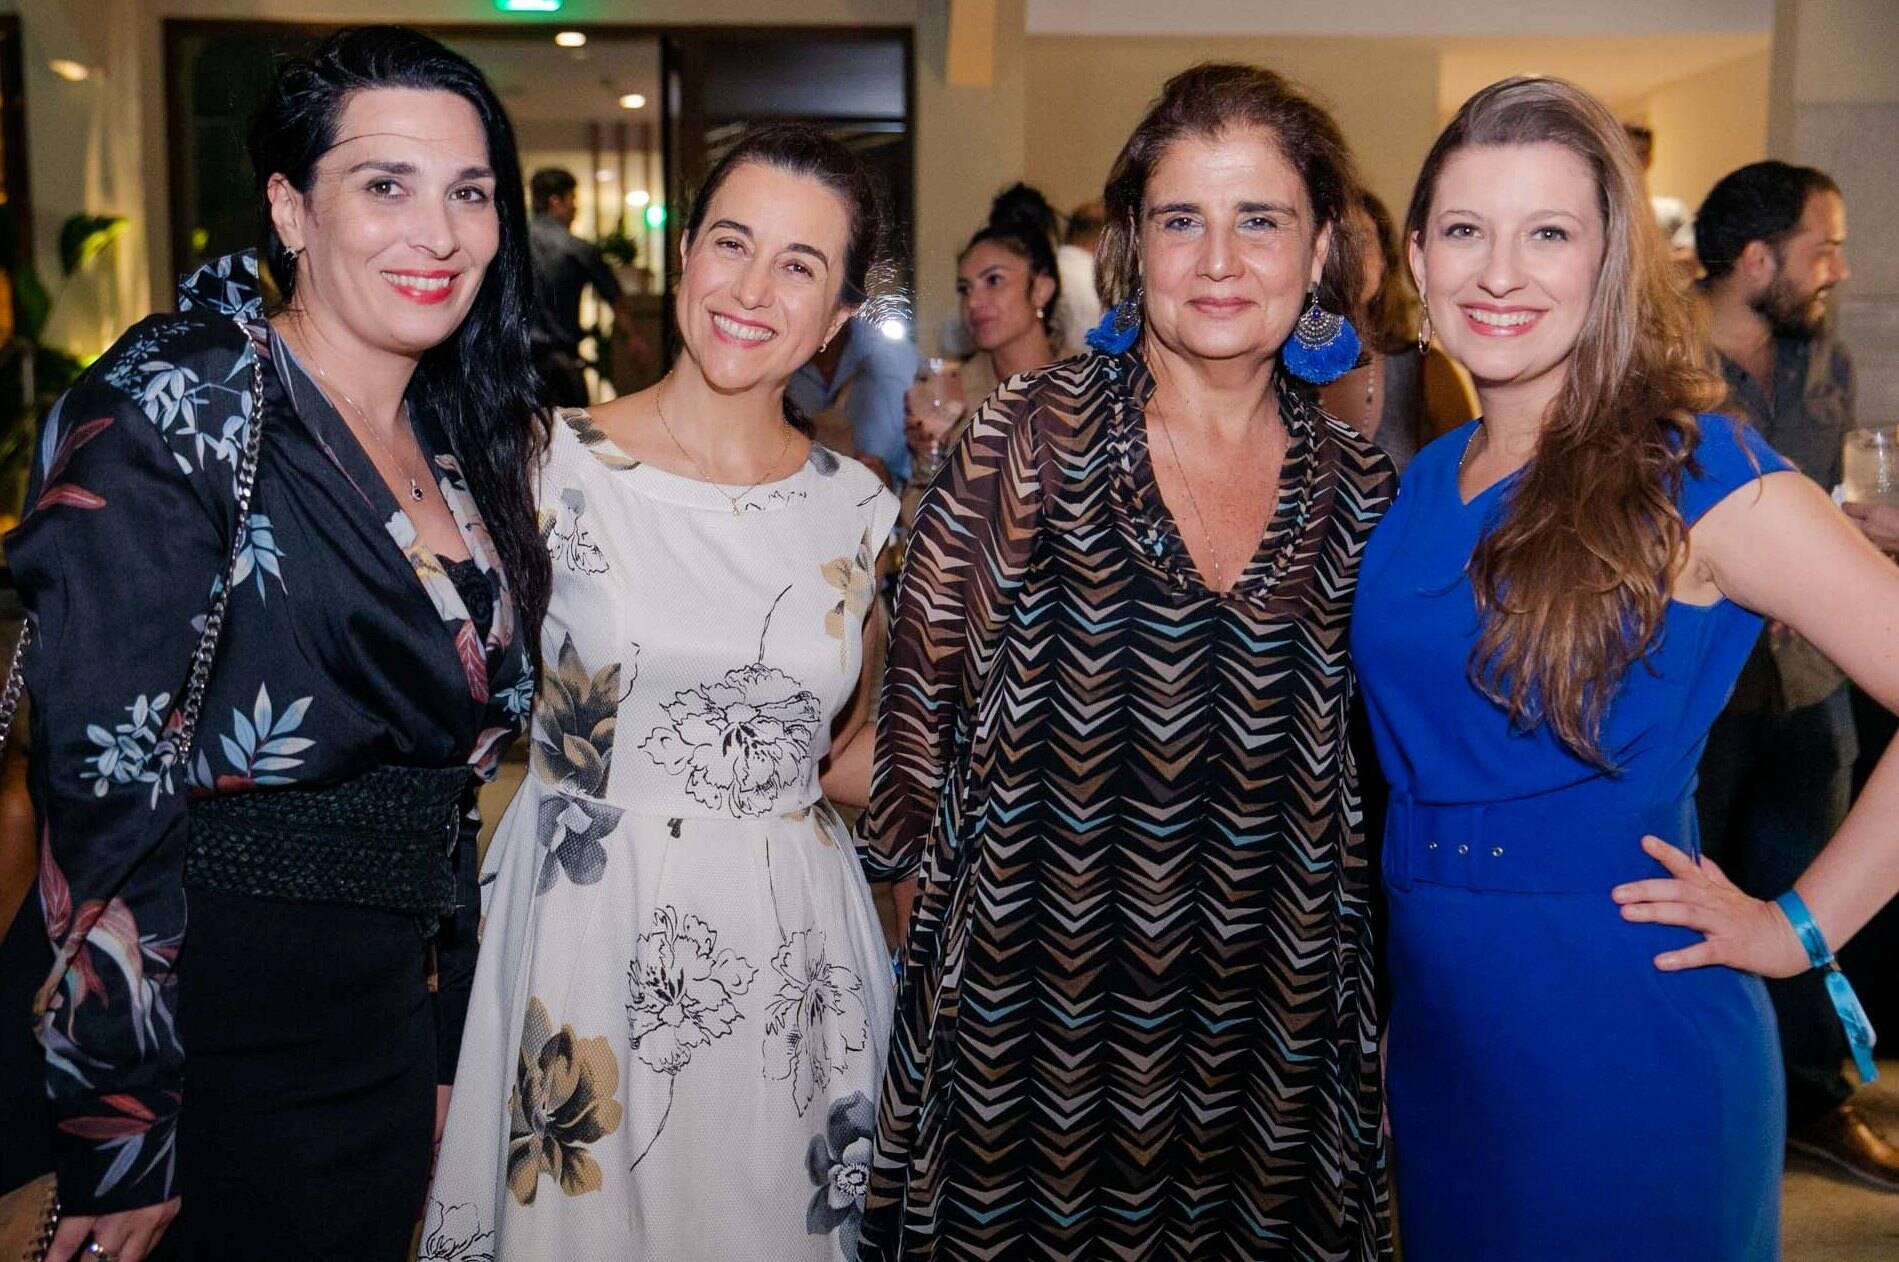 Fabiana Amorim, Simone Lara, Kátia d'Avillez e Camila Salgueiro /Foto: Miguel Sá